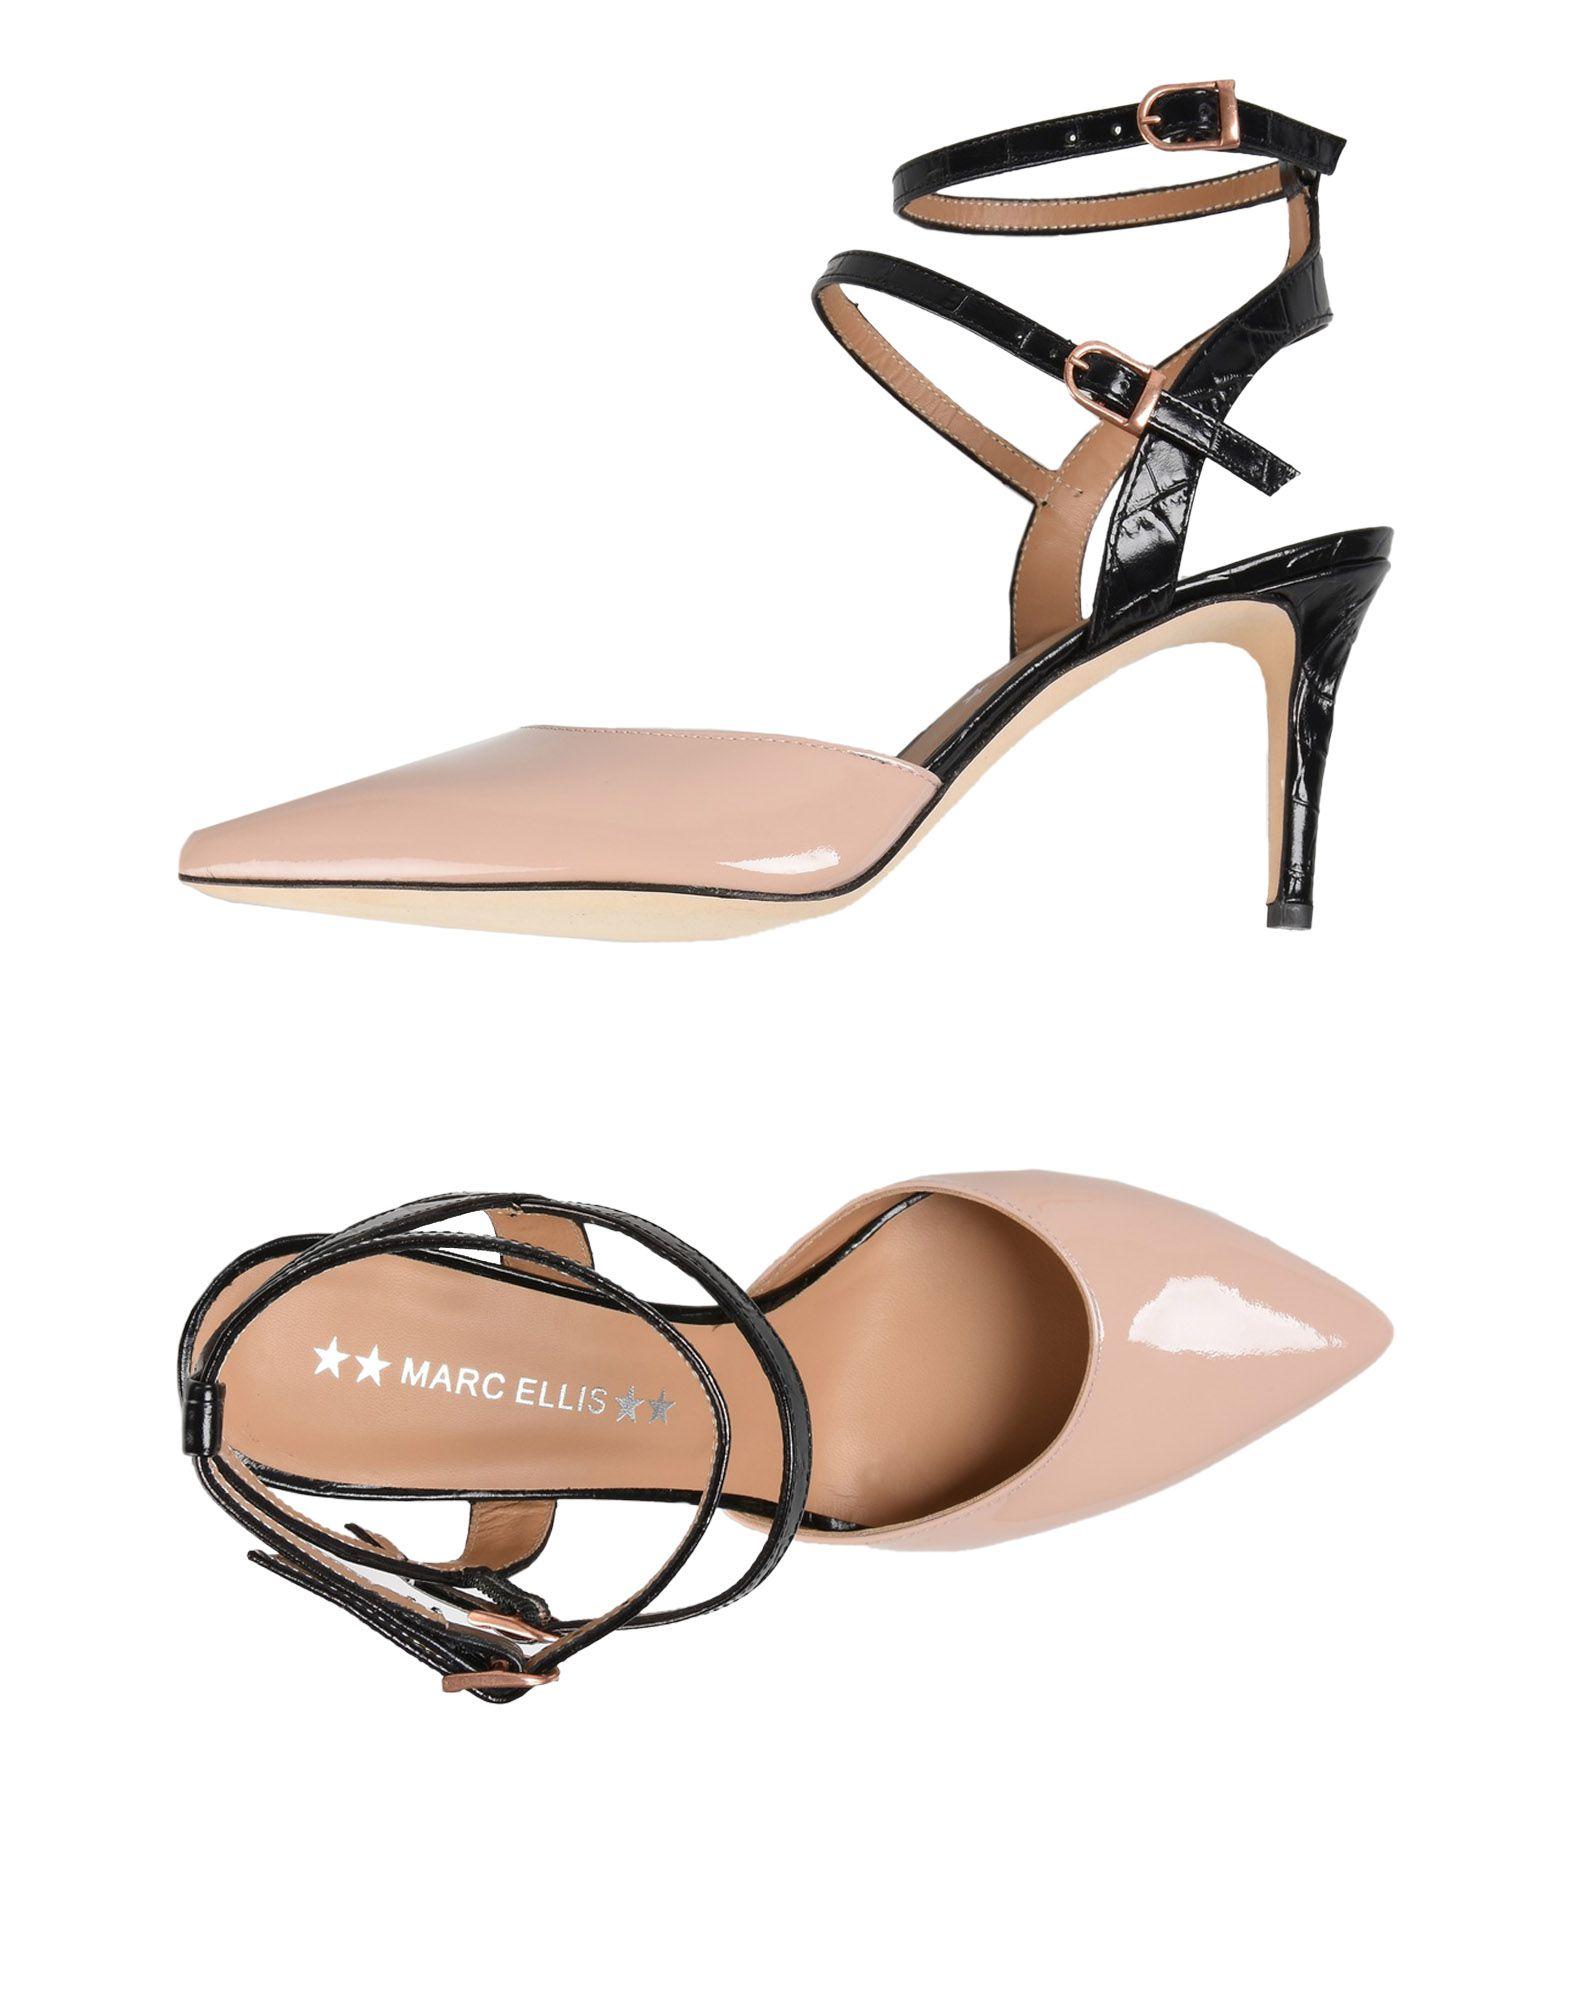 Marc Ellis Pumps strapazierfähige Damen  11398576WMGut aussehende strapazierfähige Pumps Schuhe 8b761e